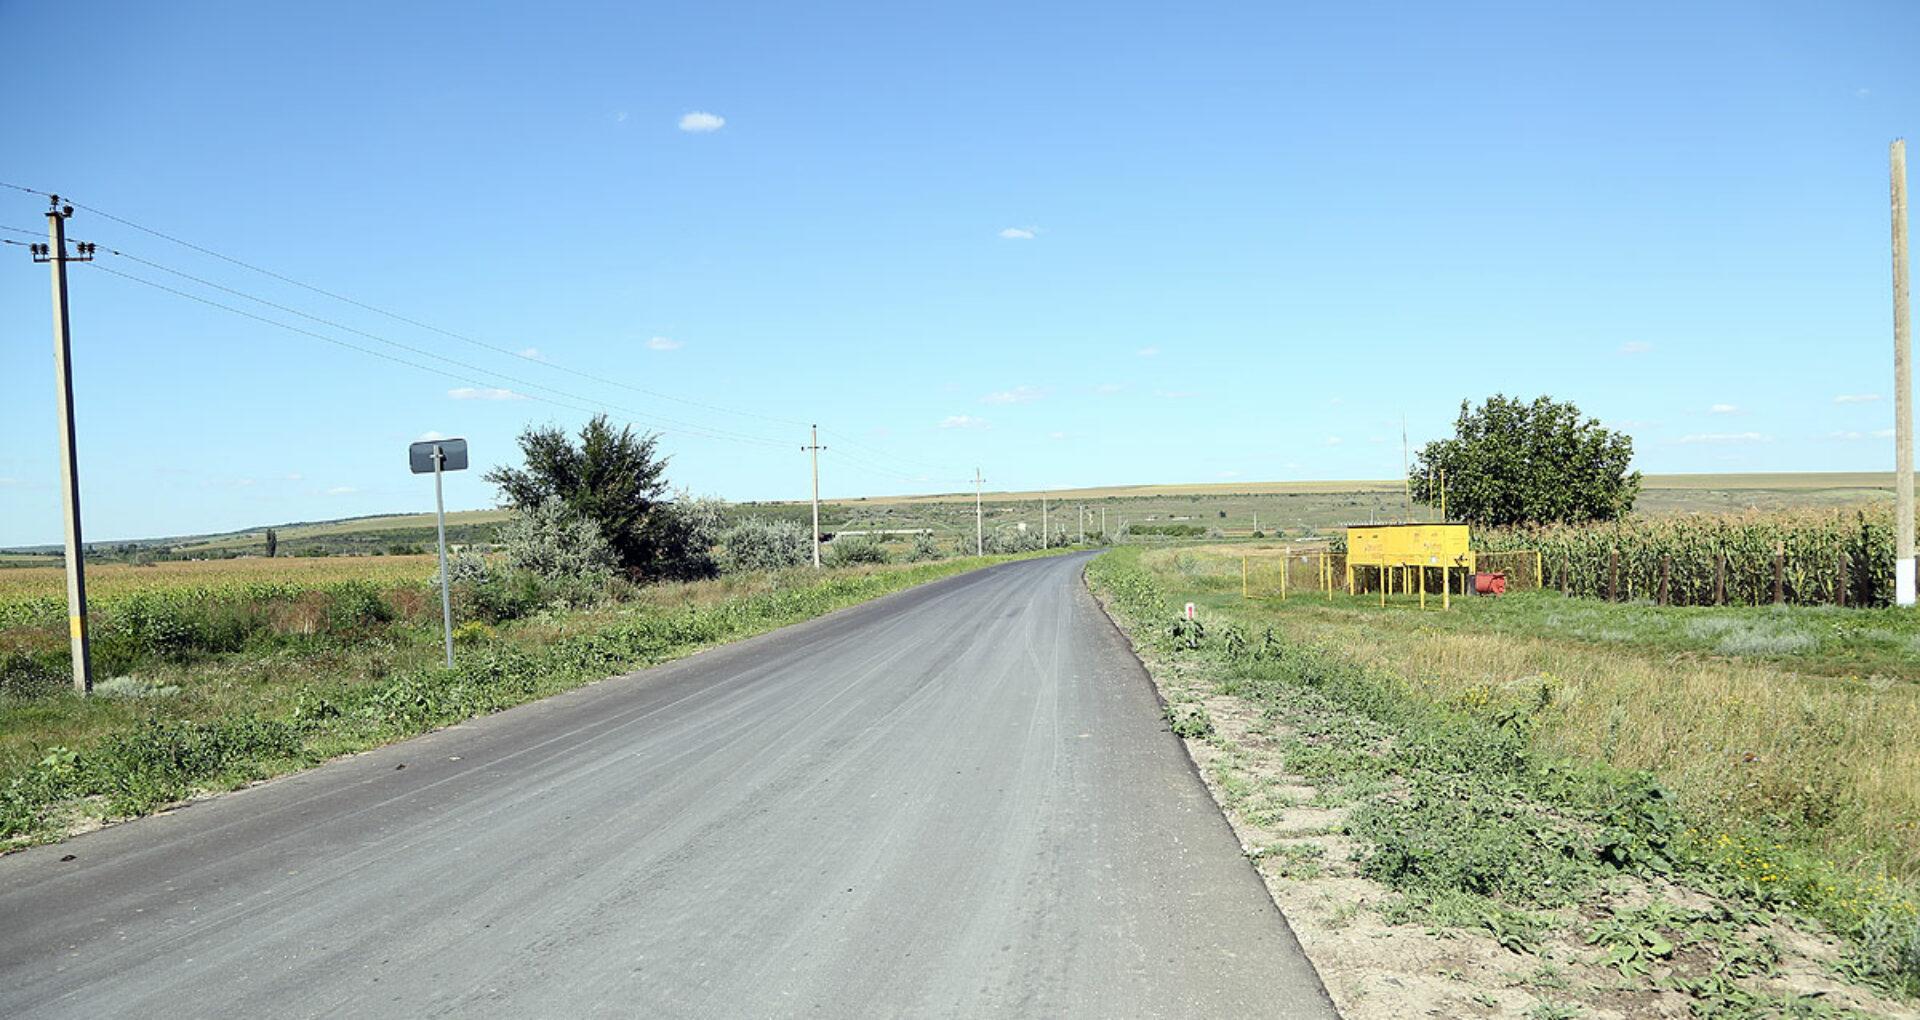 DOC/ Guvernul a modificat programul privind repartizarea mijloacelor fondului rutier pentru drumurile publice naționale